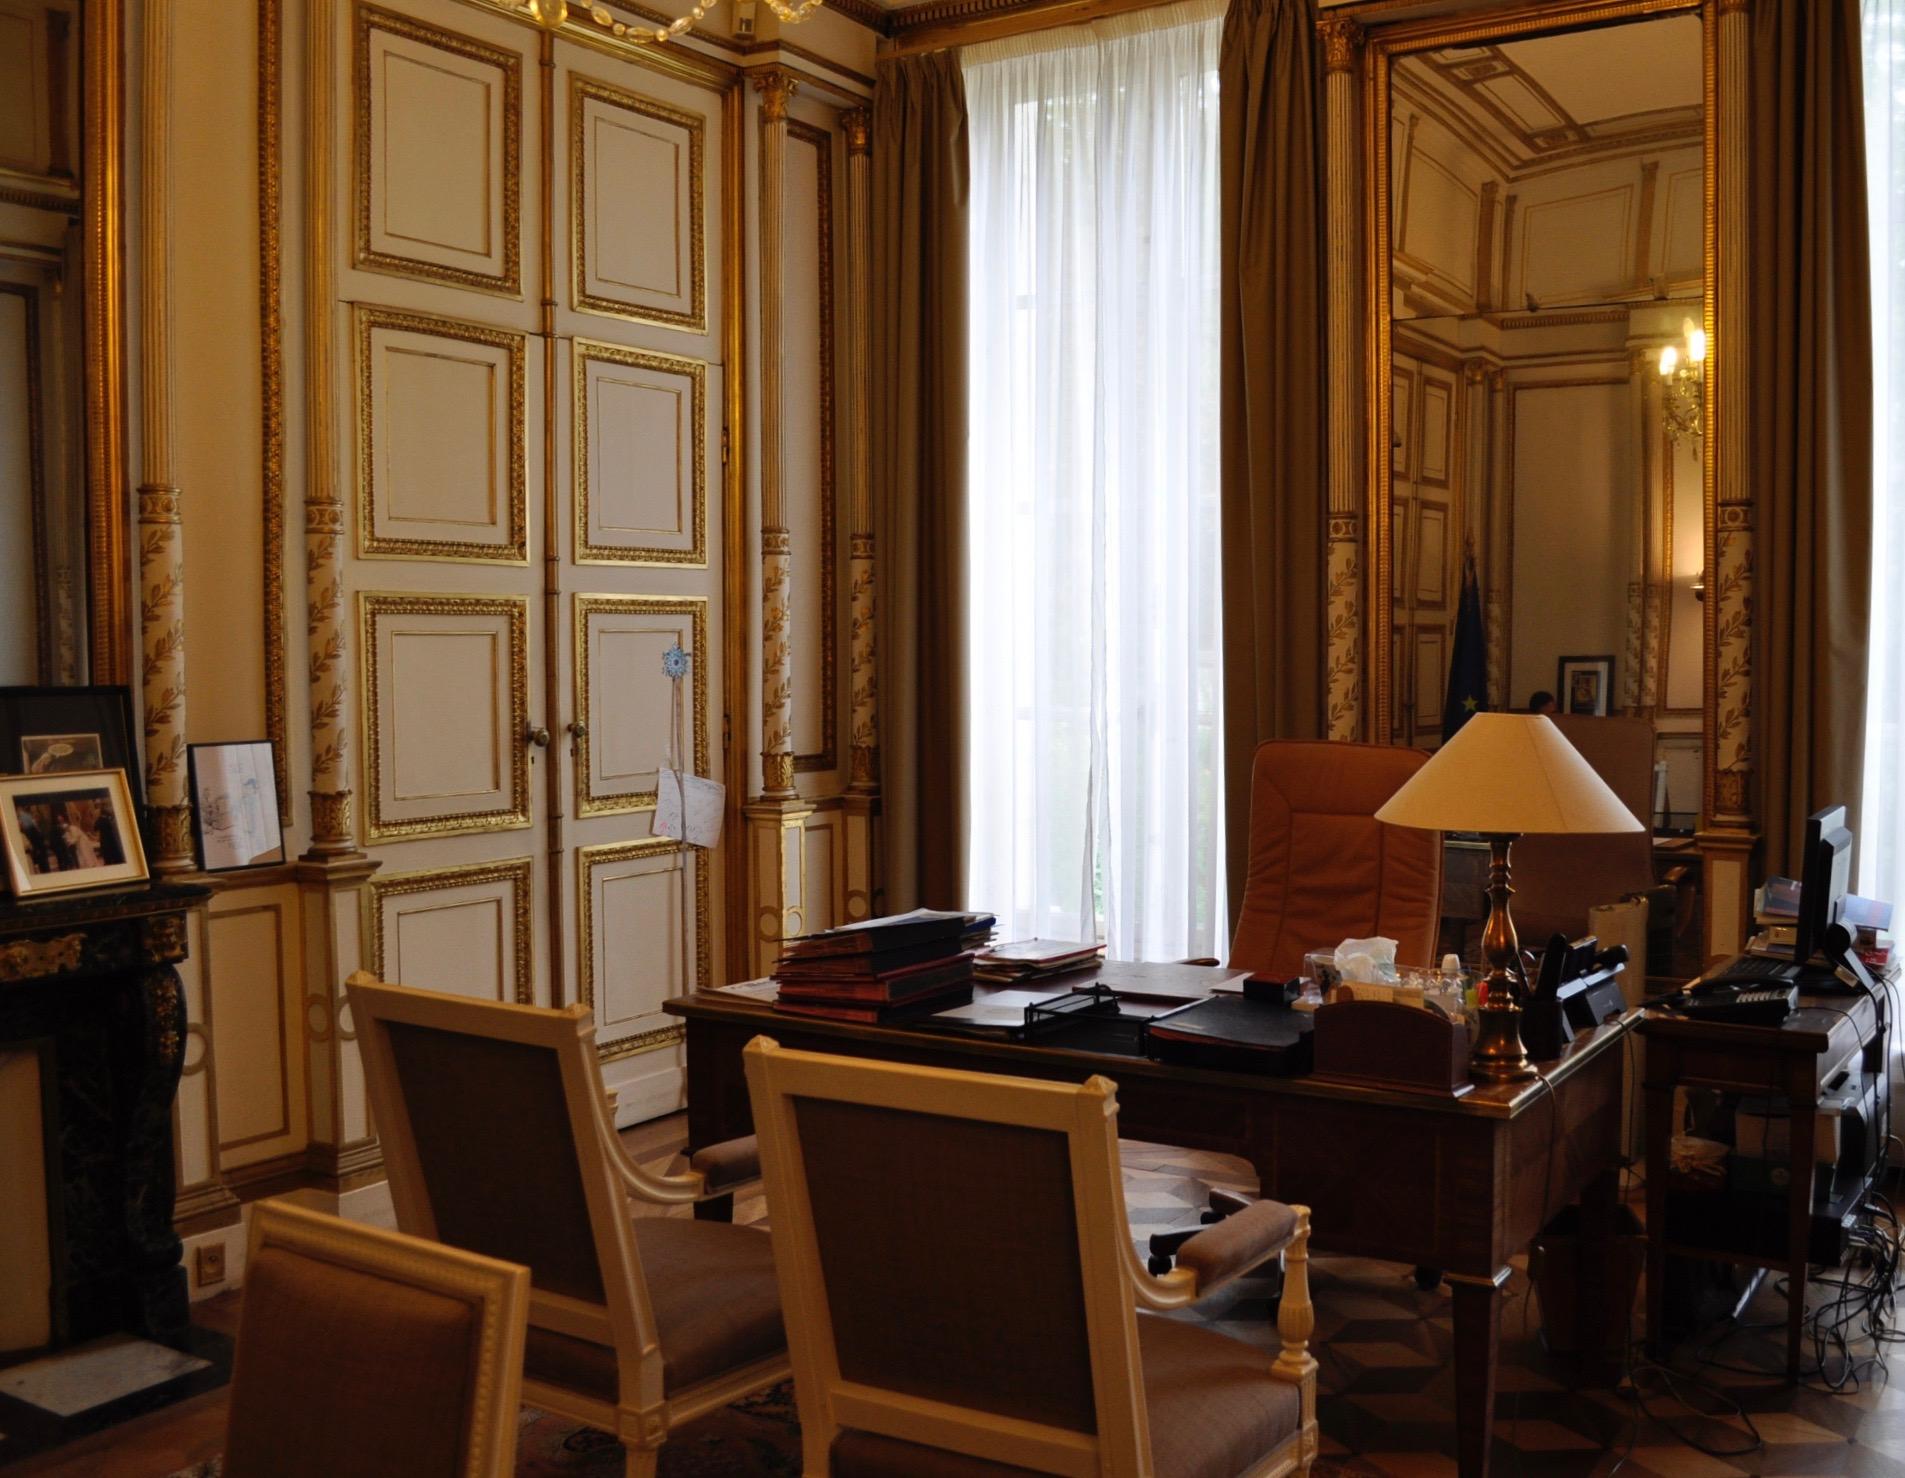 File:bureau du maire hôtel de villars paris 7e france.jpg